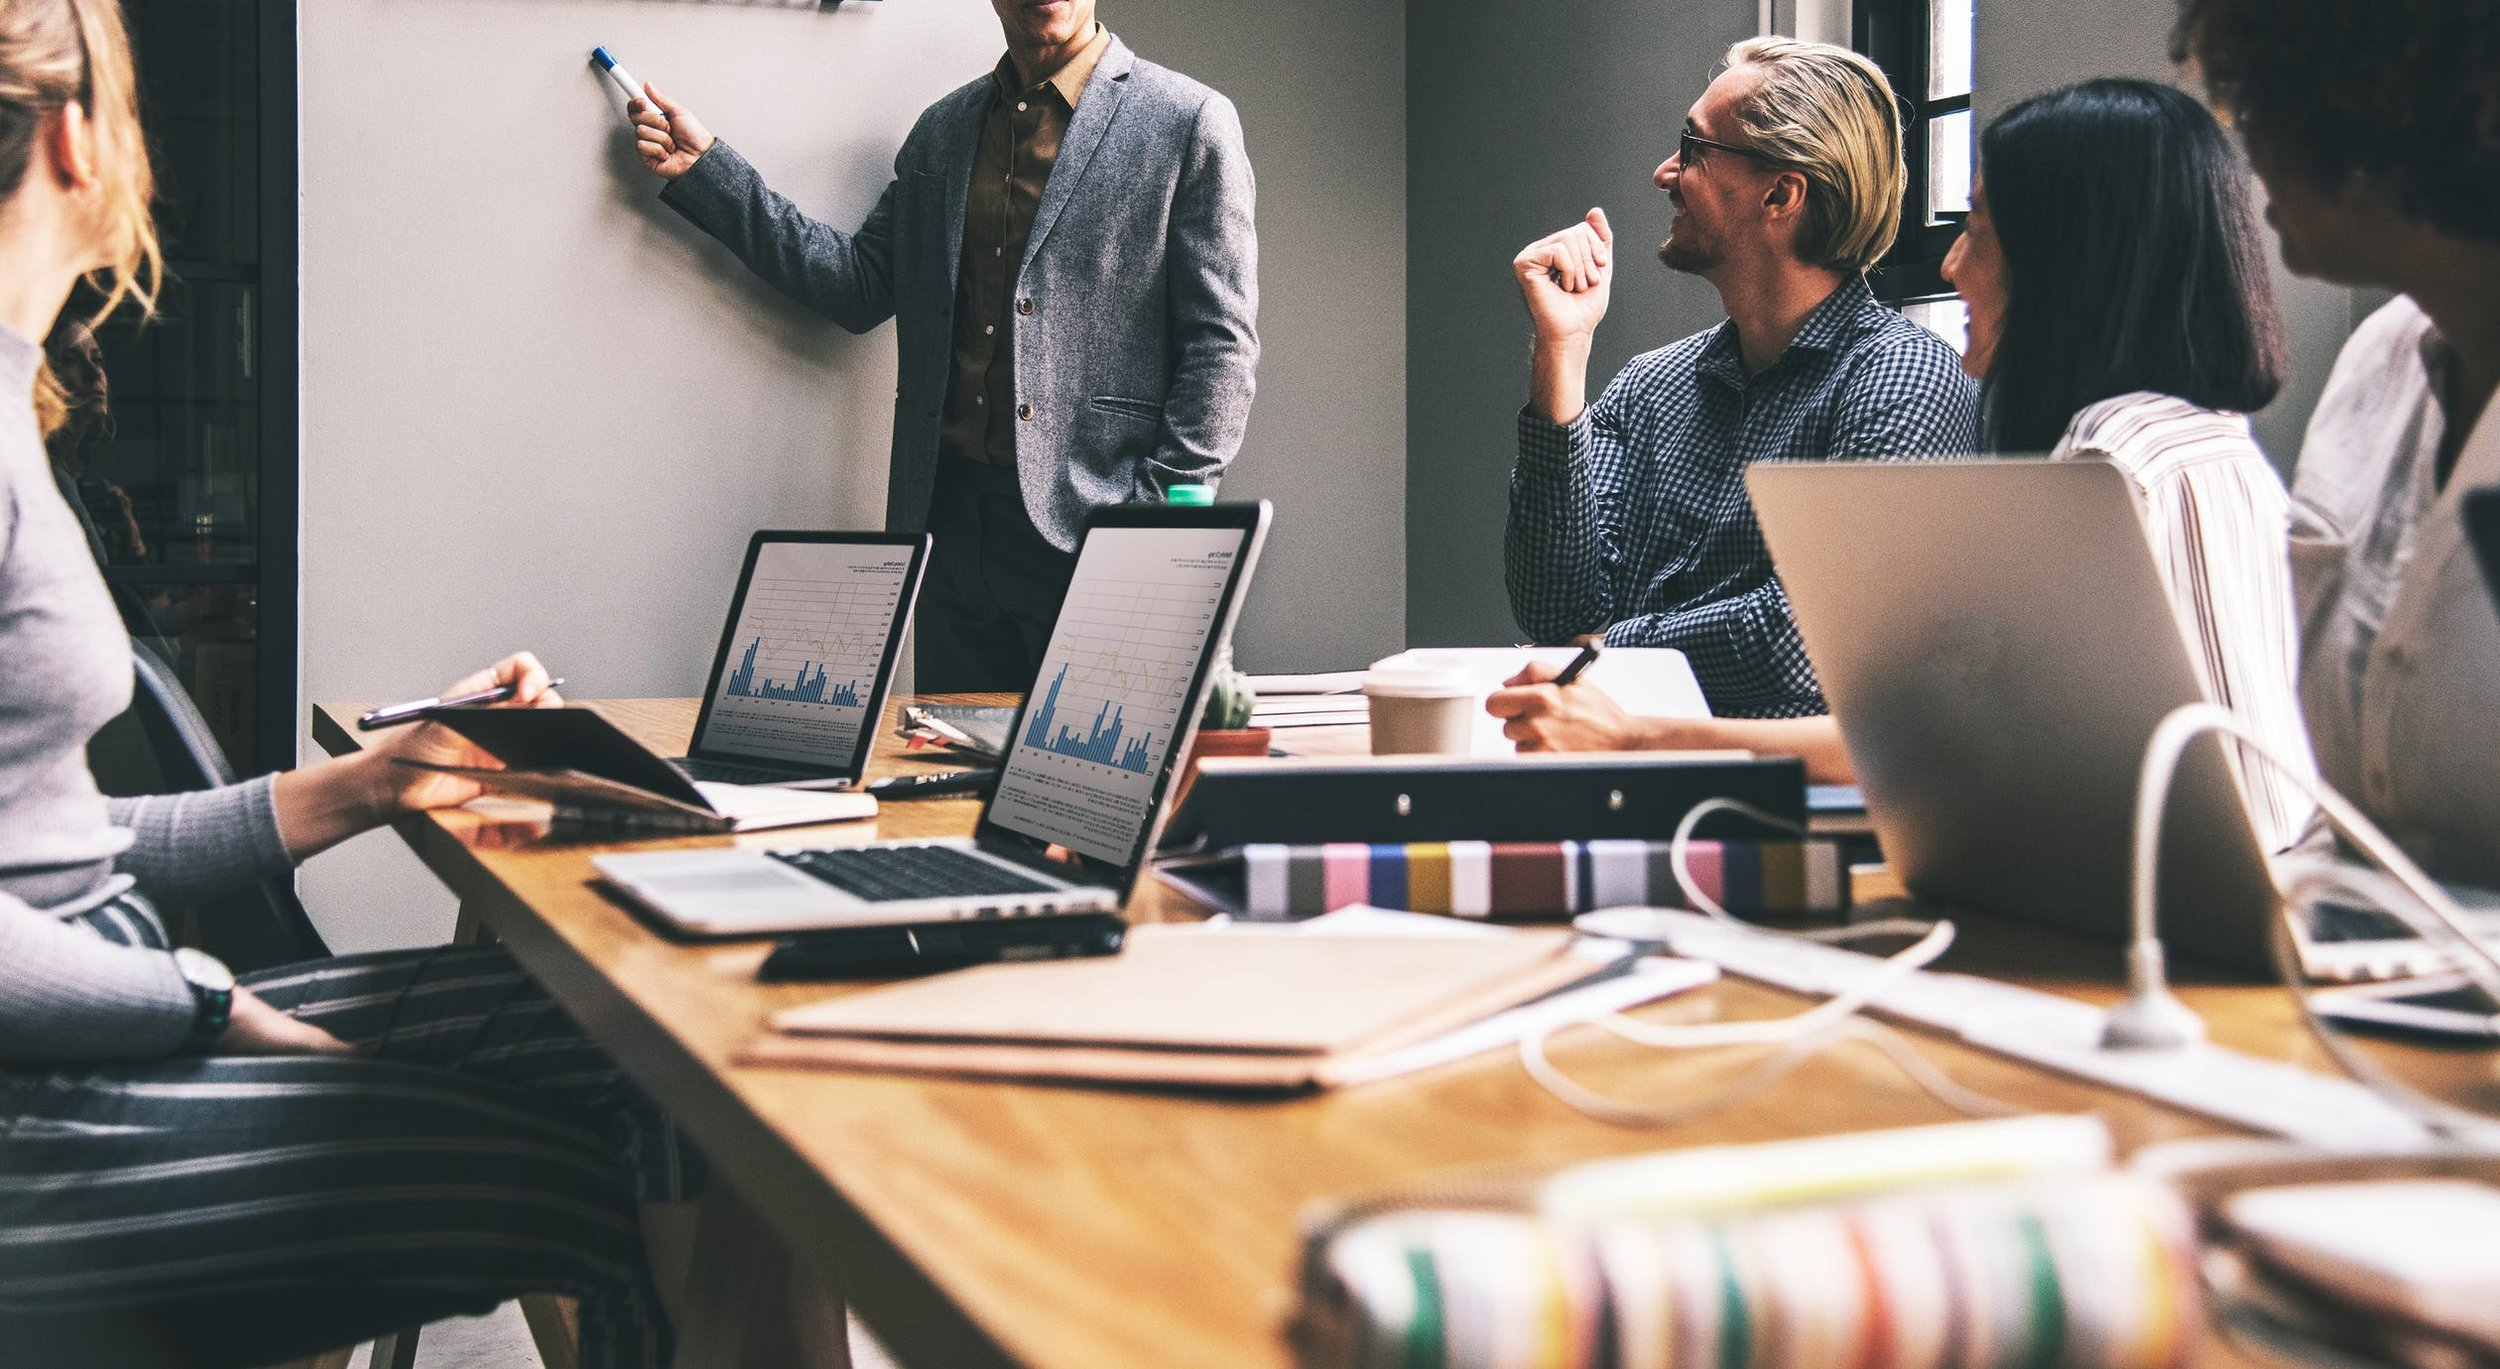 Movidos pelo Conhecimento - Estudamos os mercados, as tendências e as melhores práticas de gestão e organização de Recursos Humanos, procurando incorporar nas nossas formações, as temáticas mais emergentes e os conteúdos que focam as competências chave, necessárias à manutenção da competitividade dos nossos clientes/formandos.Muitos dos nossos projetos incorporam programas formativos, permitindo desta forma a incorporação de know-how diretamente nos nossos clientes, facilitando a consolidação da mudança e sua durabilidade.O nosso método formativo é reconhecido pela DGERT, conferindo à Take Off a capacidade de promover ações formativas certificadas, sendo estas organizadas em processos onde todos os passos asseguram qualidade e excelência.